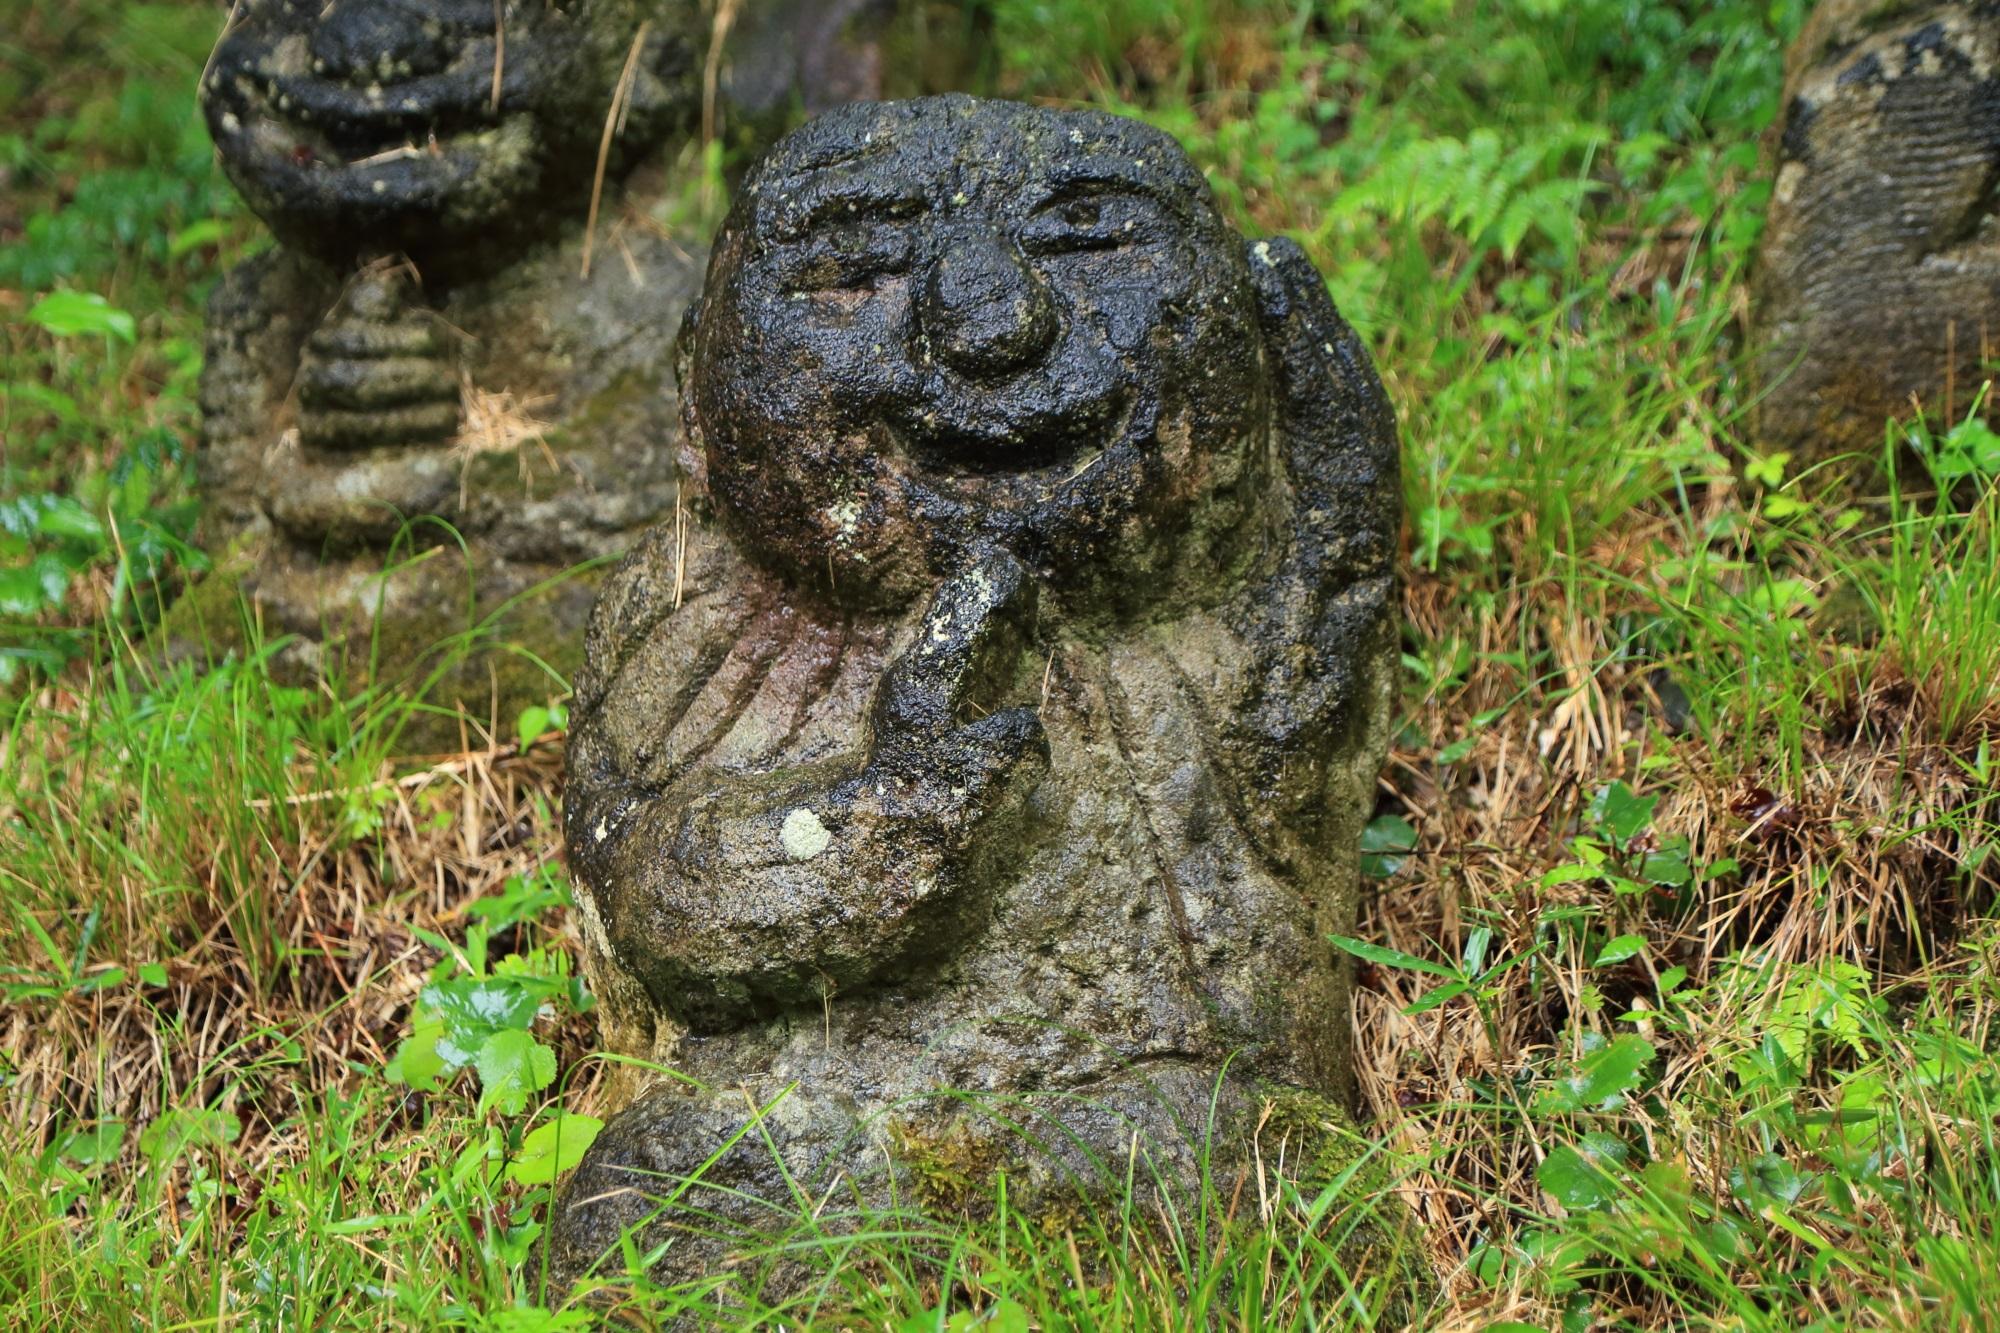 愛宕念仏寺のまいったなーの千二百羅漢